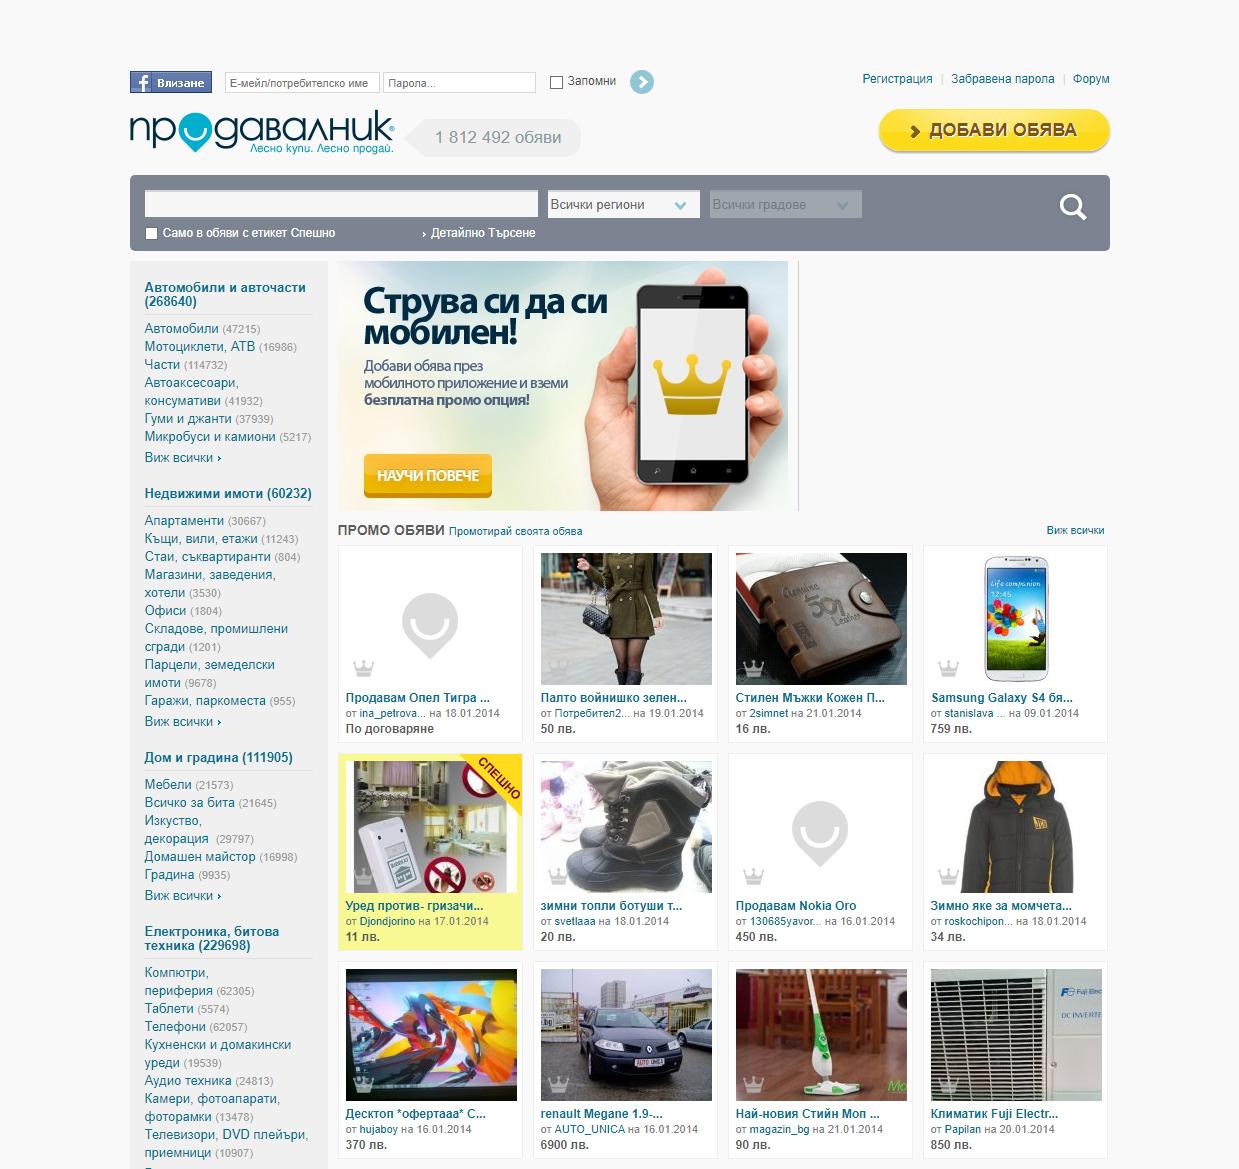 История на бившия Продавалник или prodavalnik.com